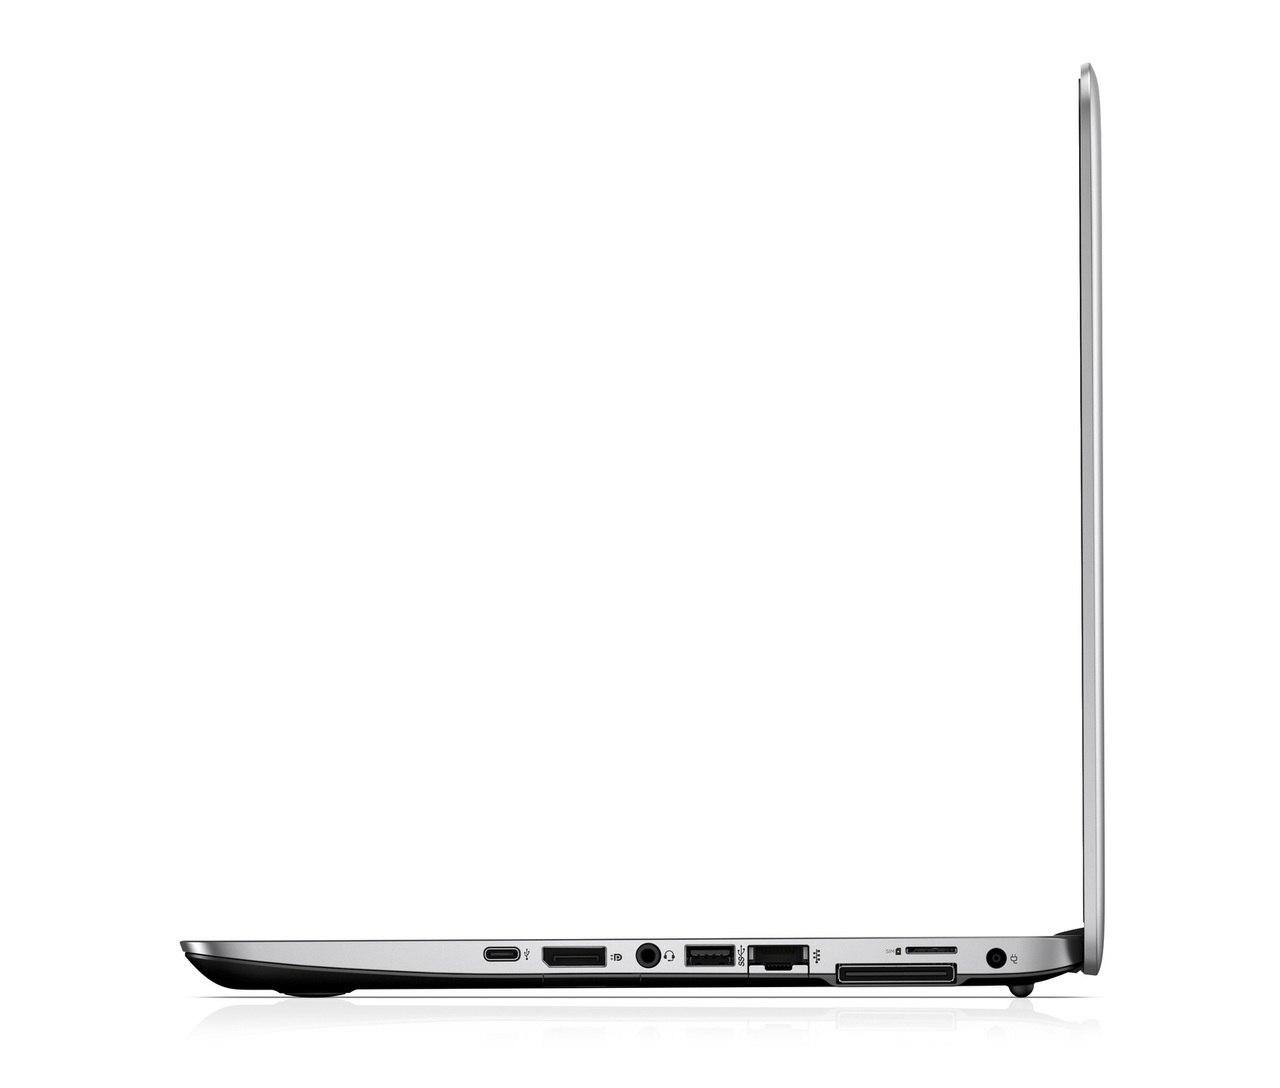 HP EliteBook 745 G4 AMD A10-8730B Ram 8GB SSD 256GB FHD Windows 10